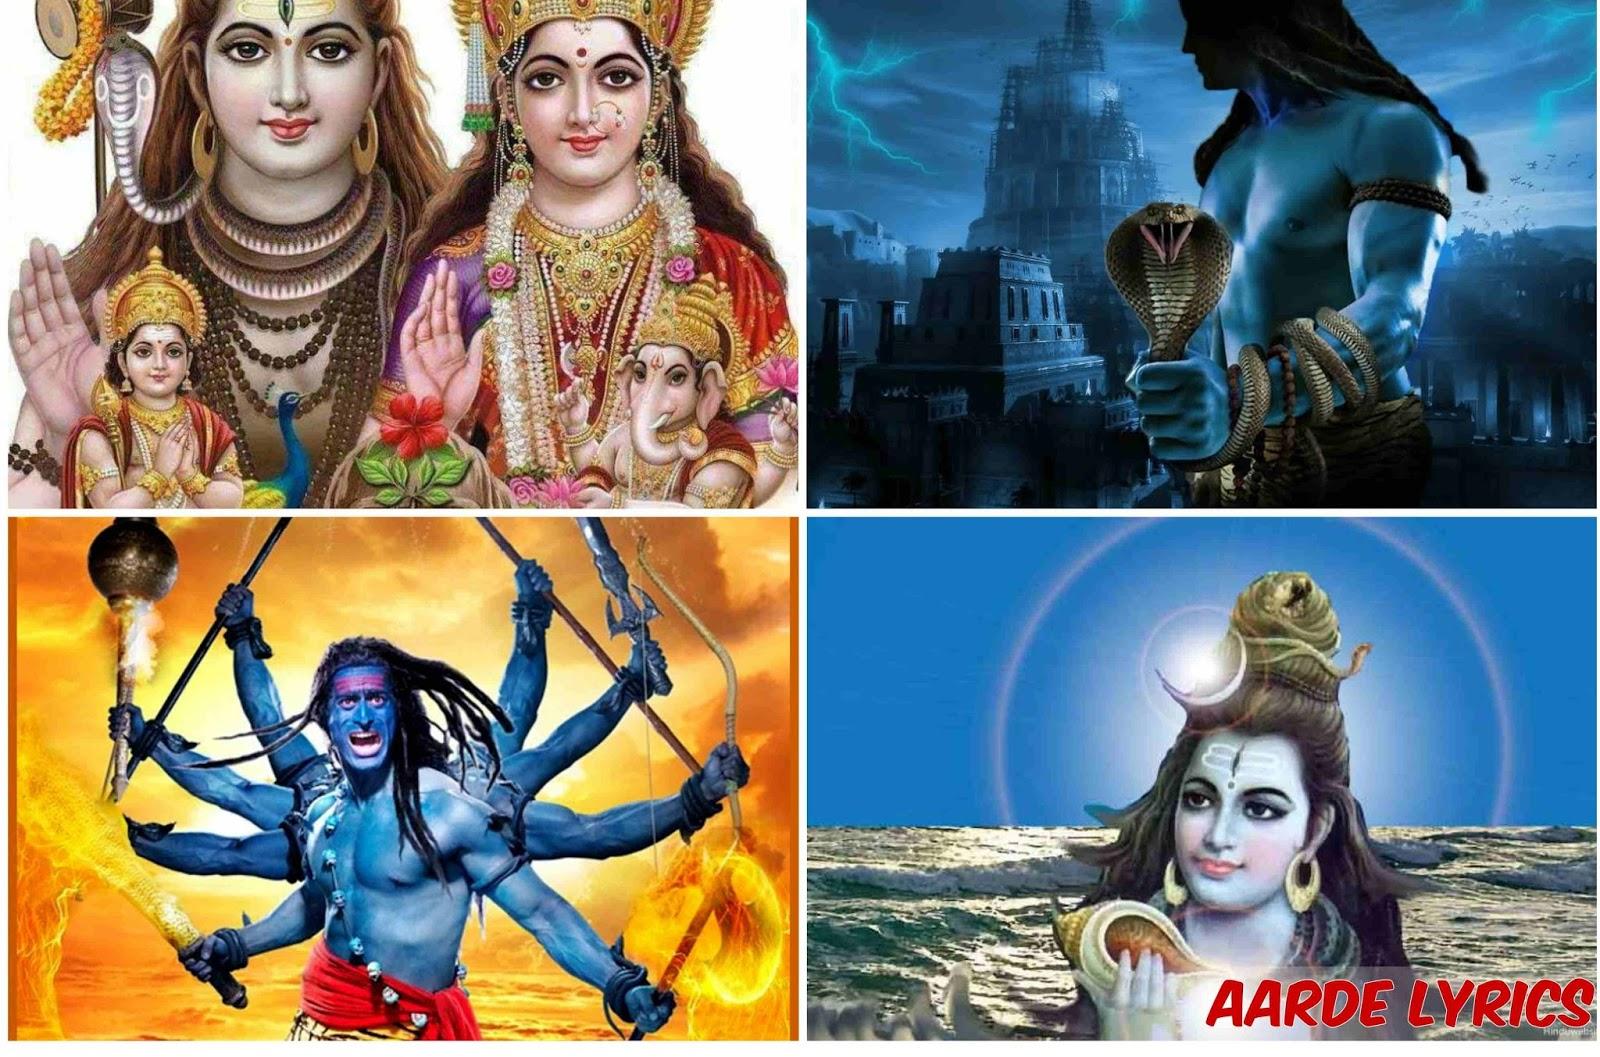 Shiva Naam Ki Ganga Lord Shiva Songs Lyrics Devotional Lyrics Aarde Lyrics